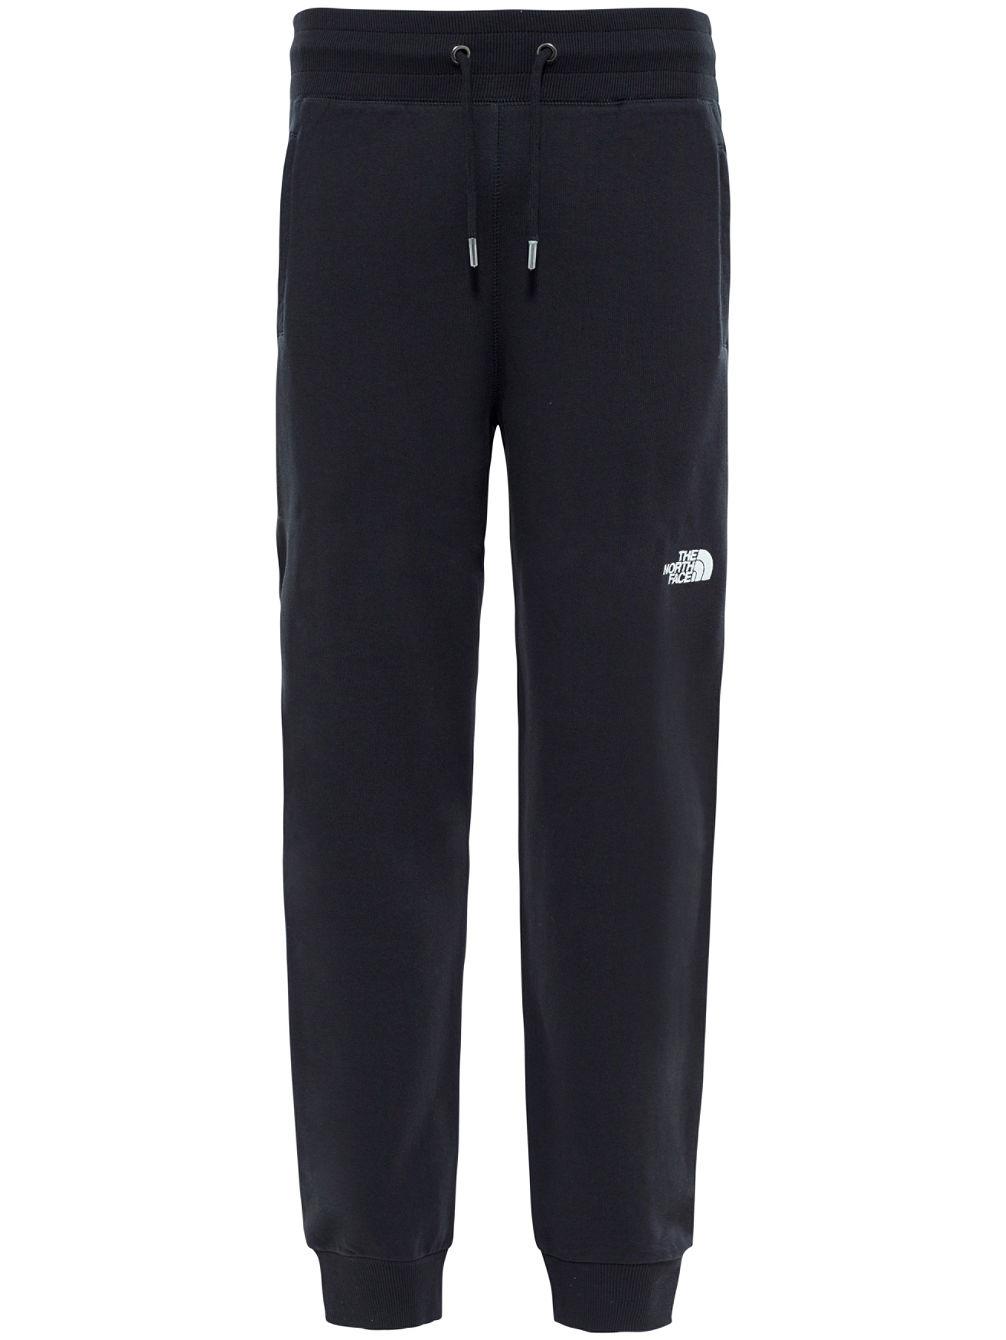 Compra THE NORTH FACE NSE Light Pantaloni tuta online su blue-tomato.com 64918a2c4773